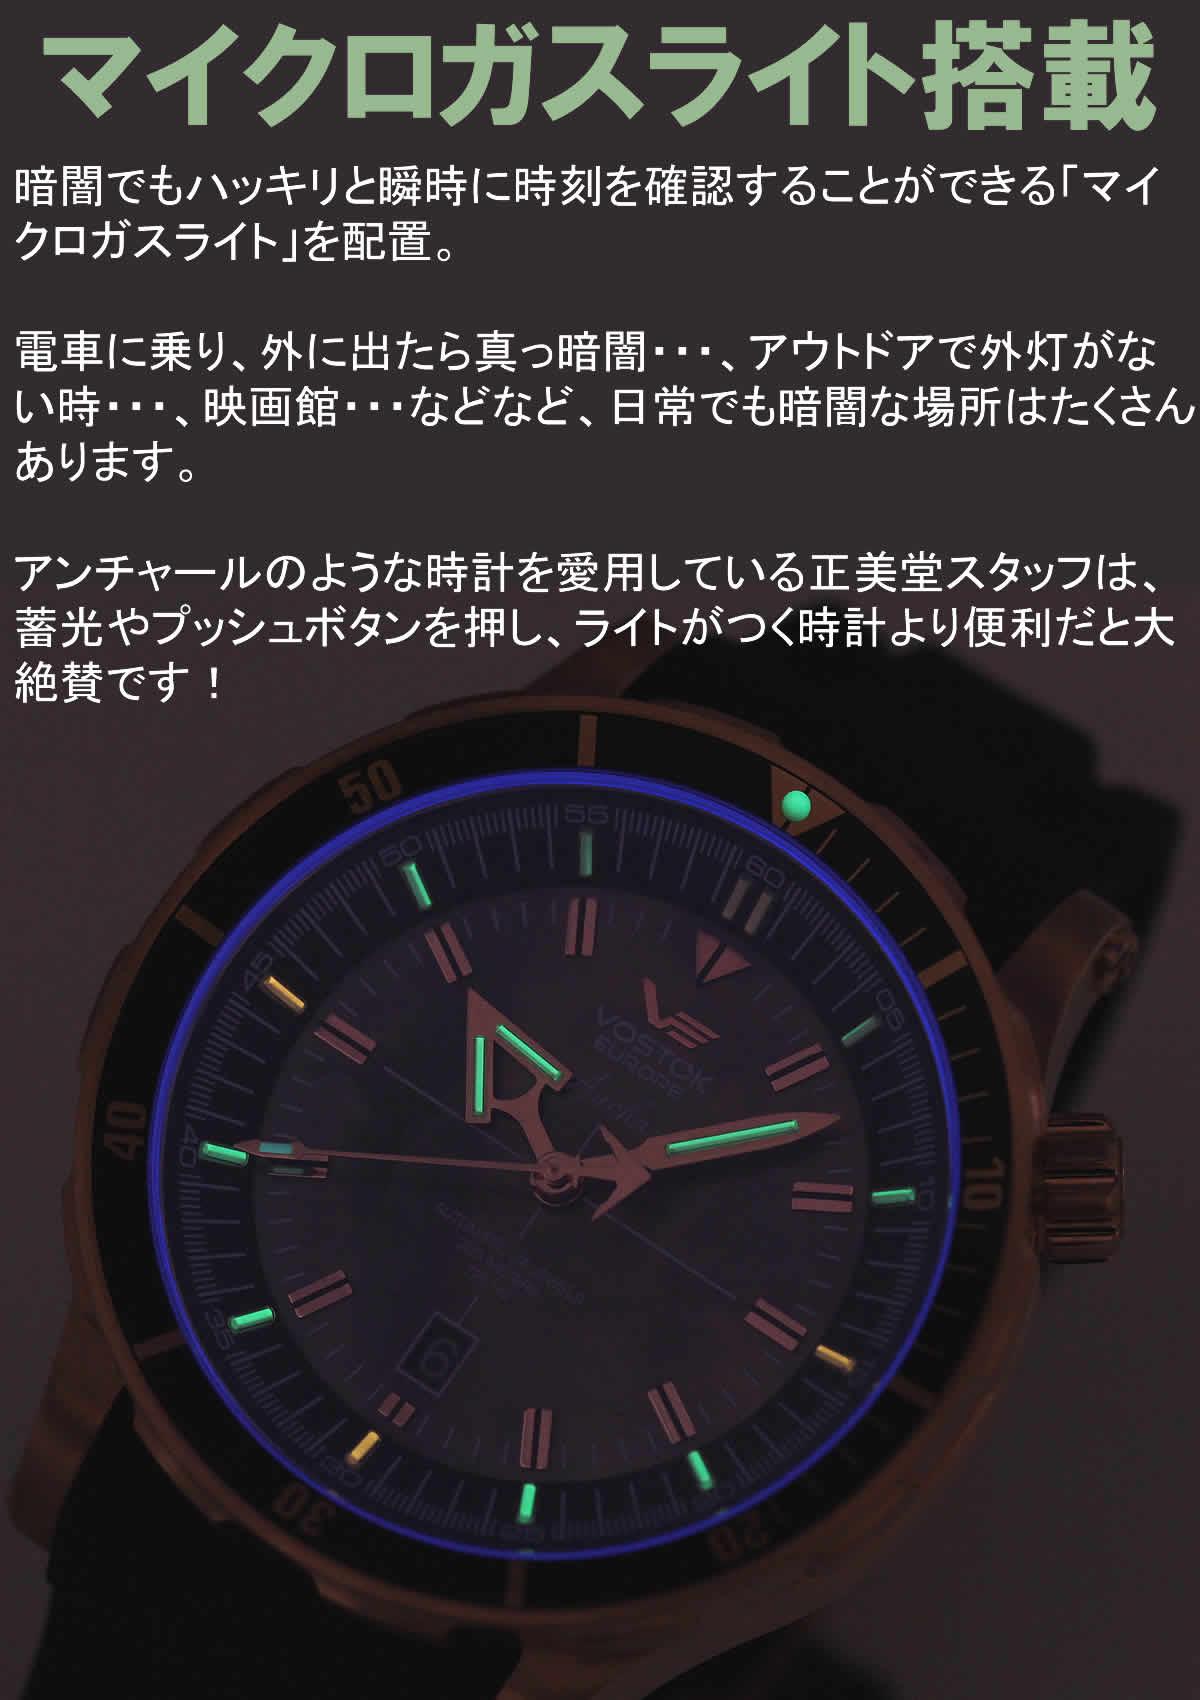 マイクロガスライト 時計